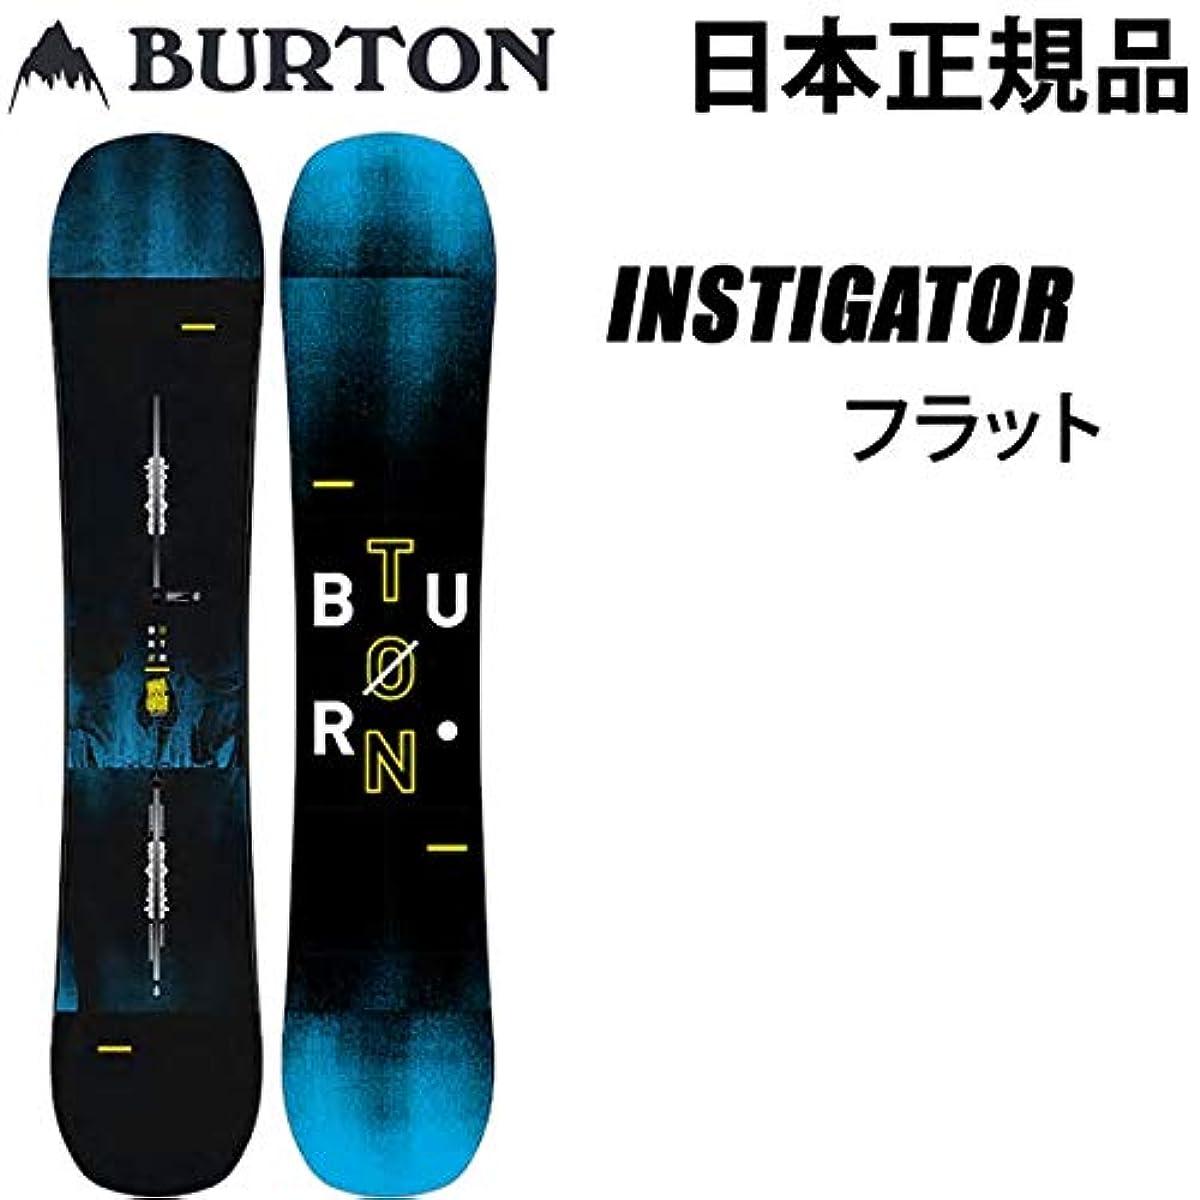 [해외] 버튼 스노보드 판 버튼 인 스테게퍼터 플랫 BURTON INSTIGATOR (18-19 2019) BURTON 판 버튼 판 【L2】